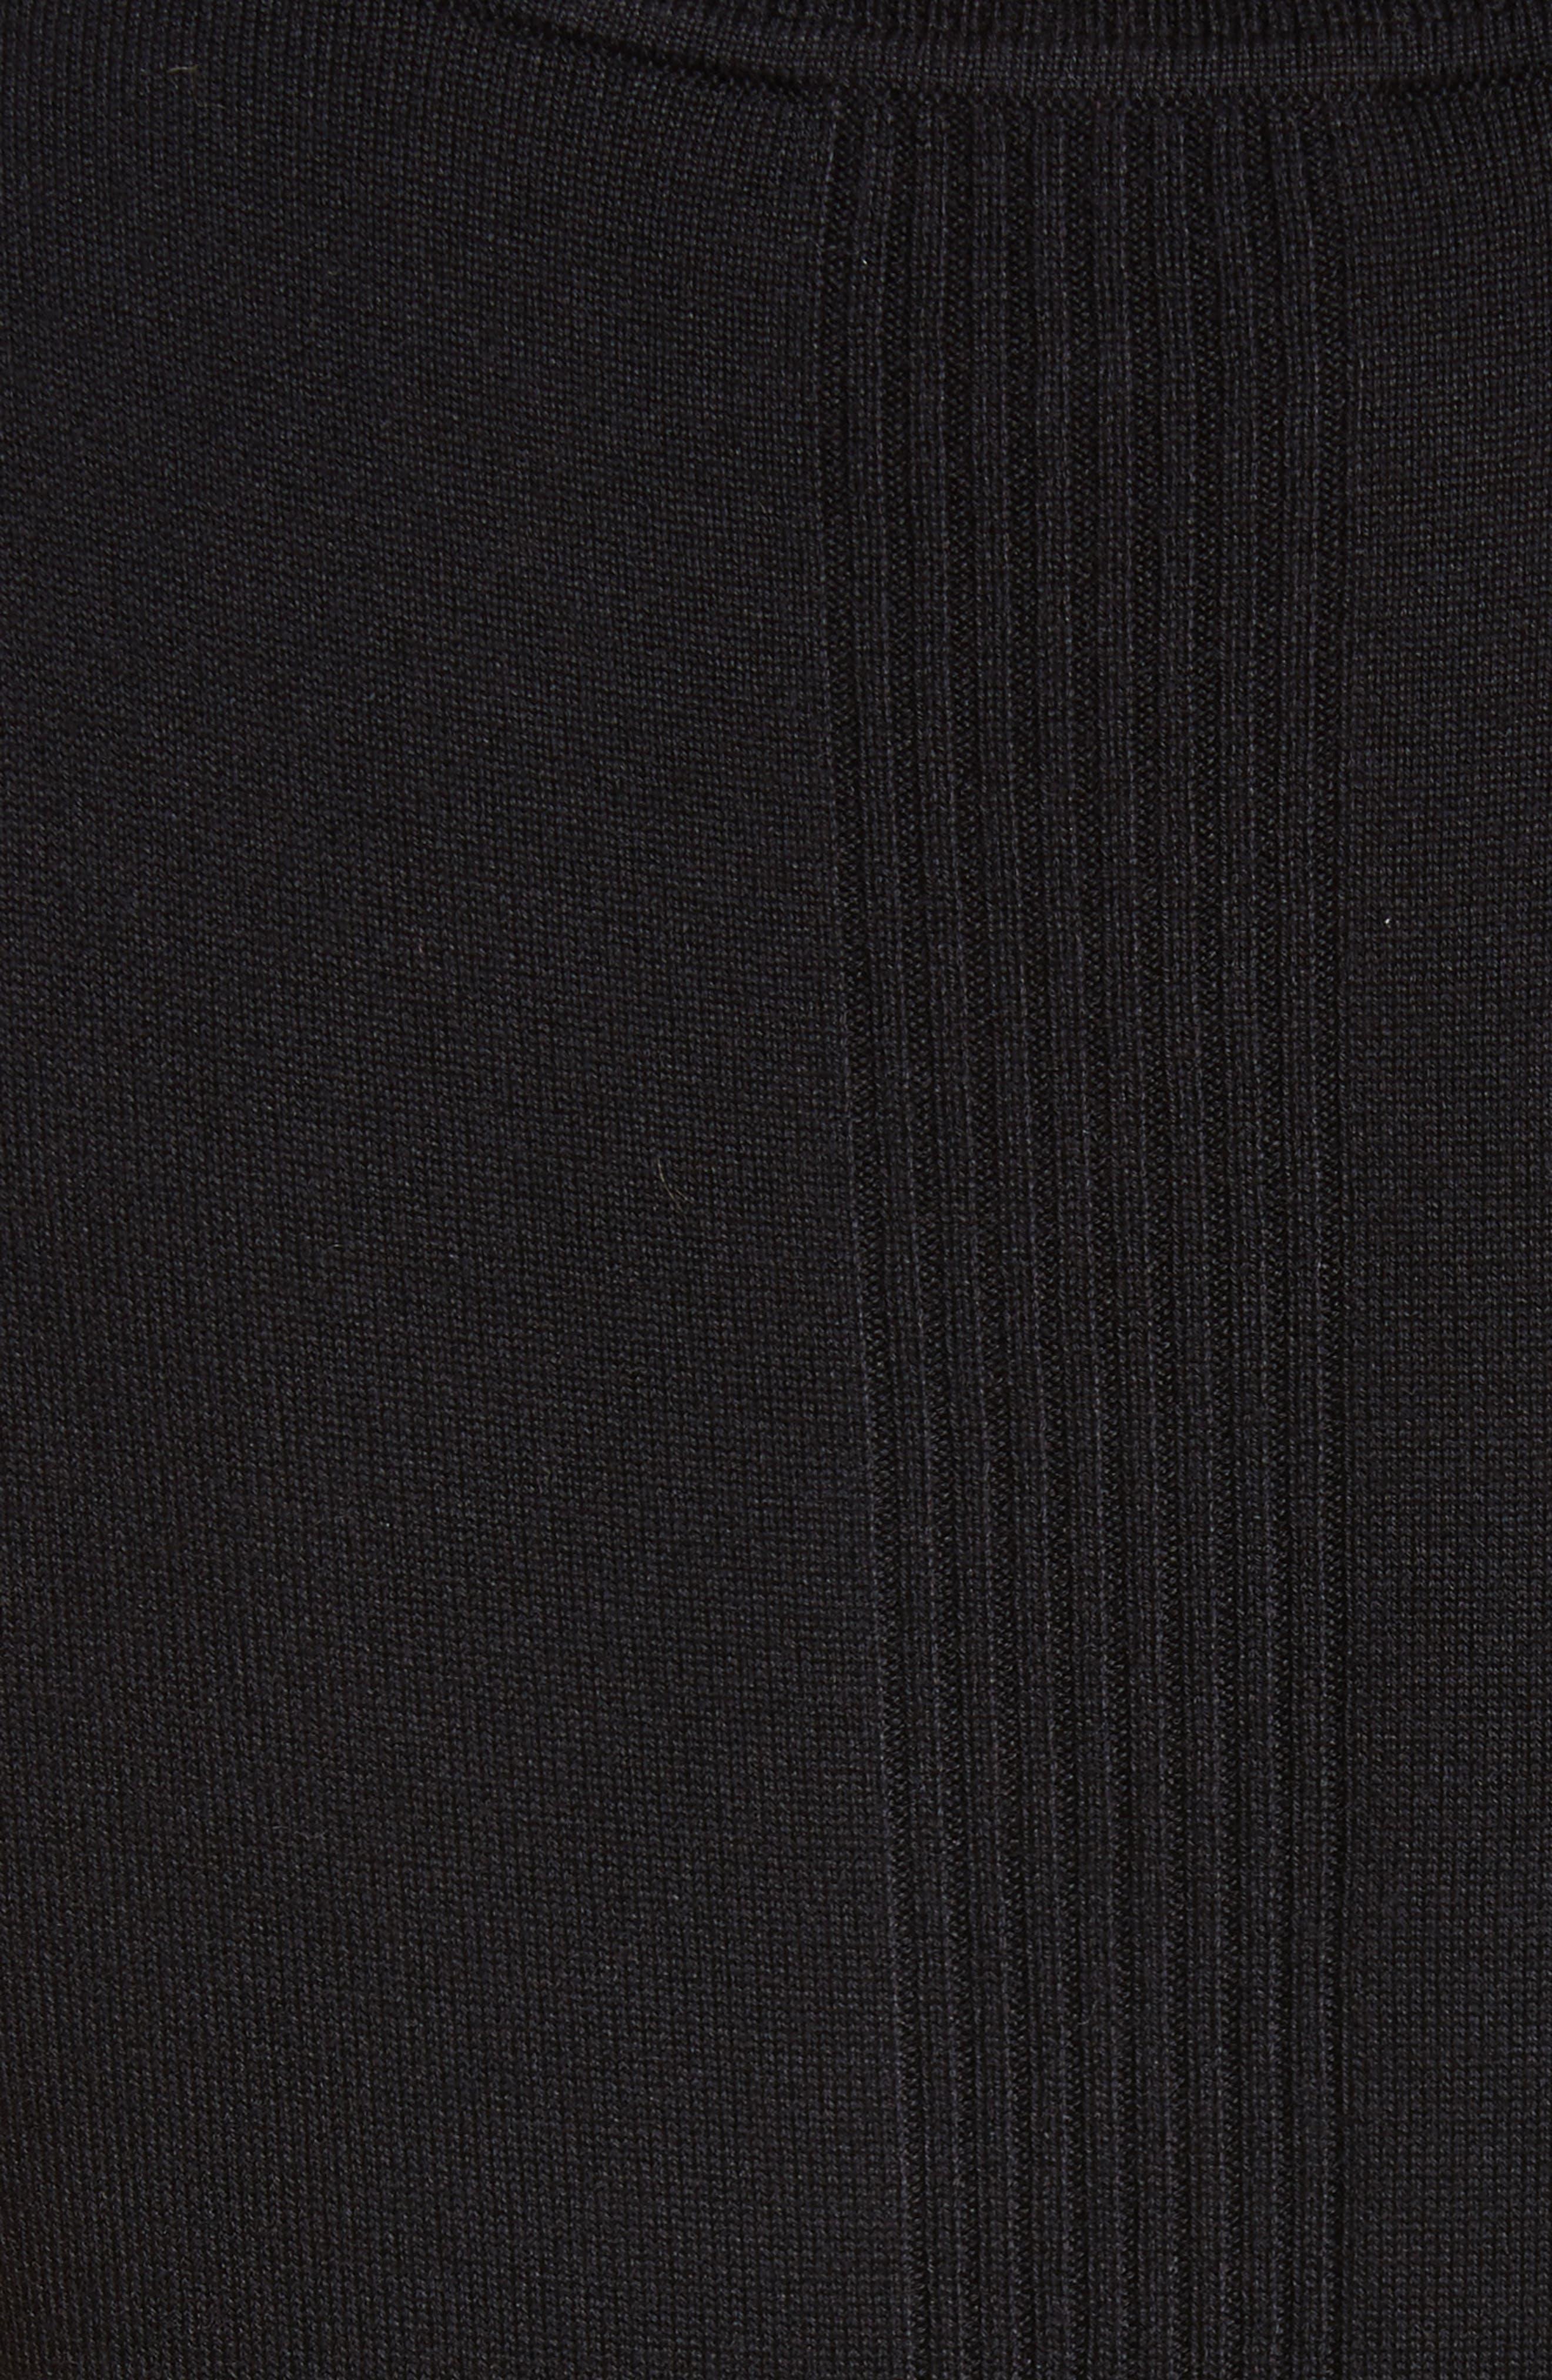 Dot Print Knit Shell,                             Alternate thumbnail 5, color,                             001